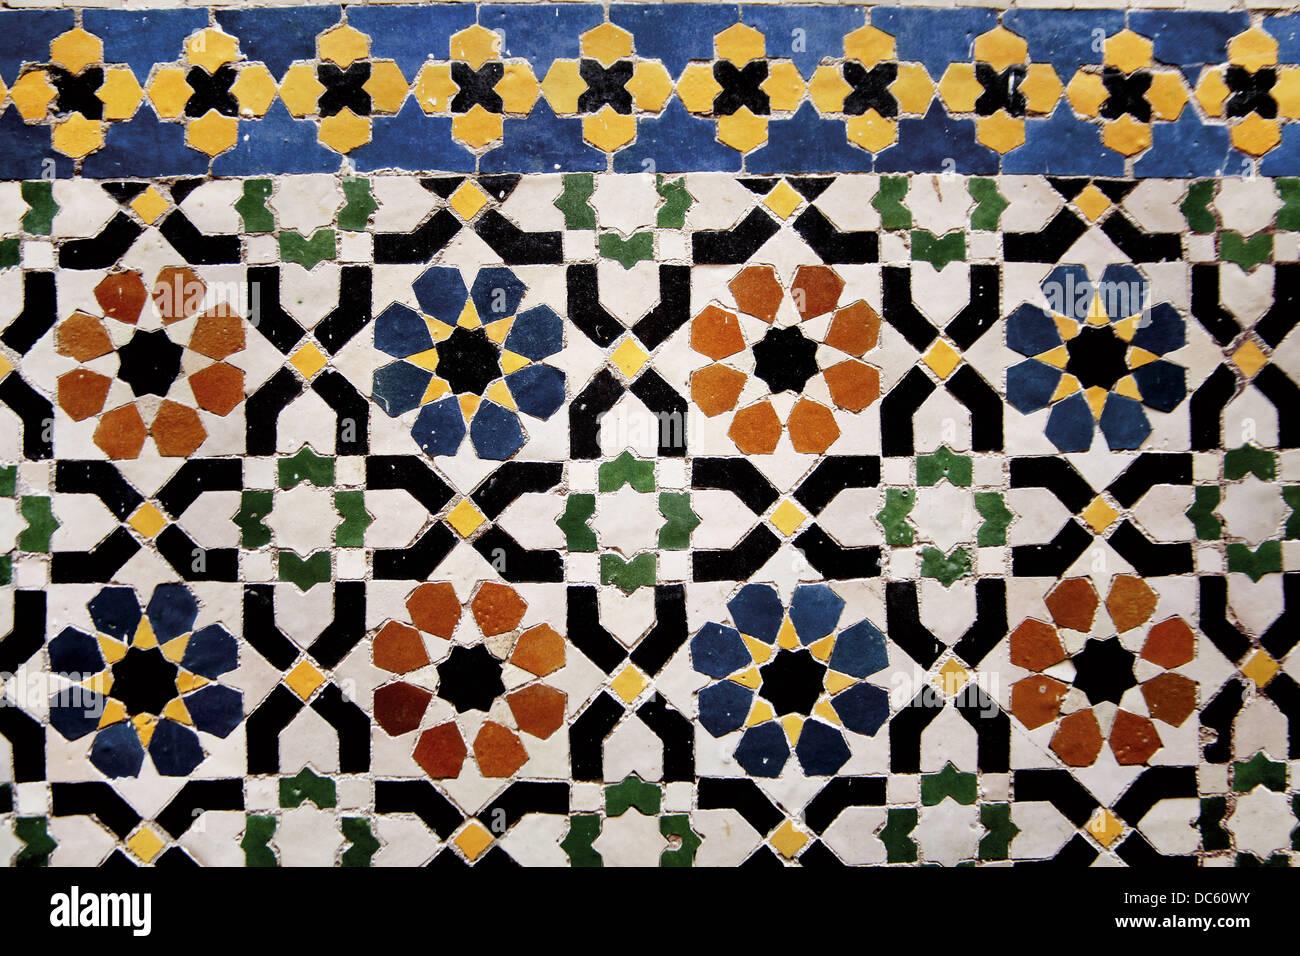 Zellige piastrelle ceramiche presso la moschea tijani a fes